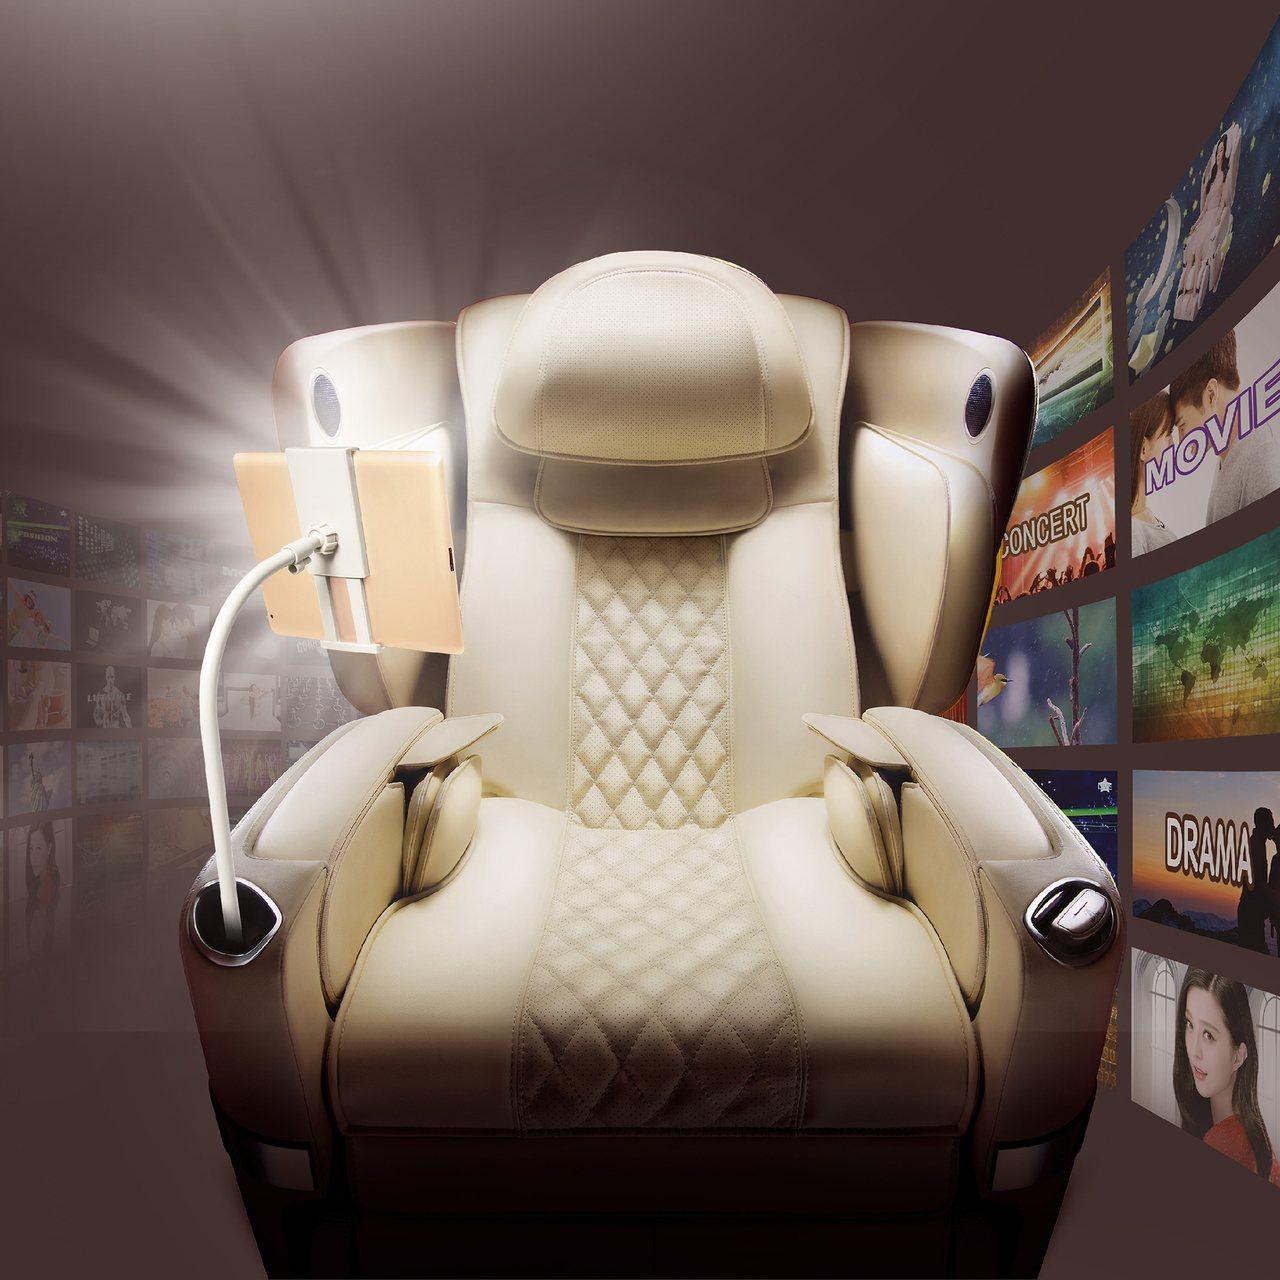 OSIM白馬王子按摩椅影音特仕版。圖/OSIM提供